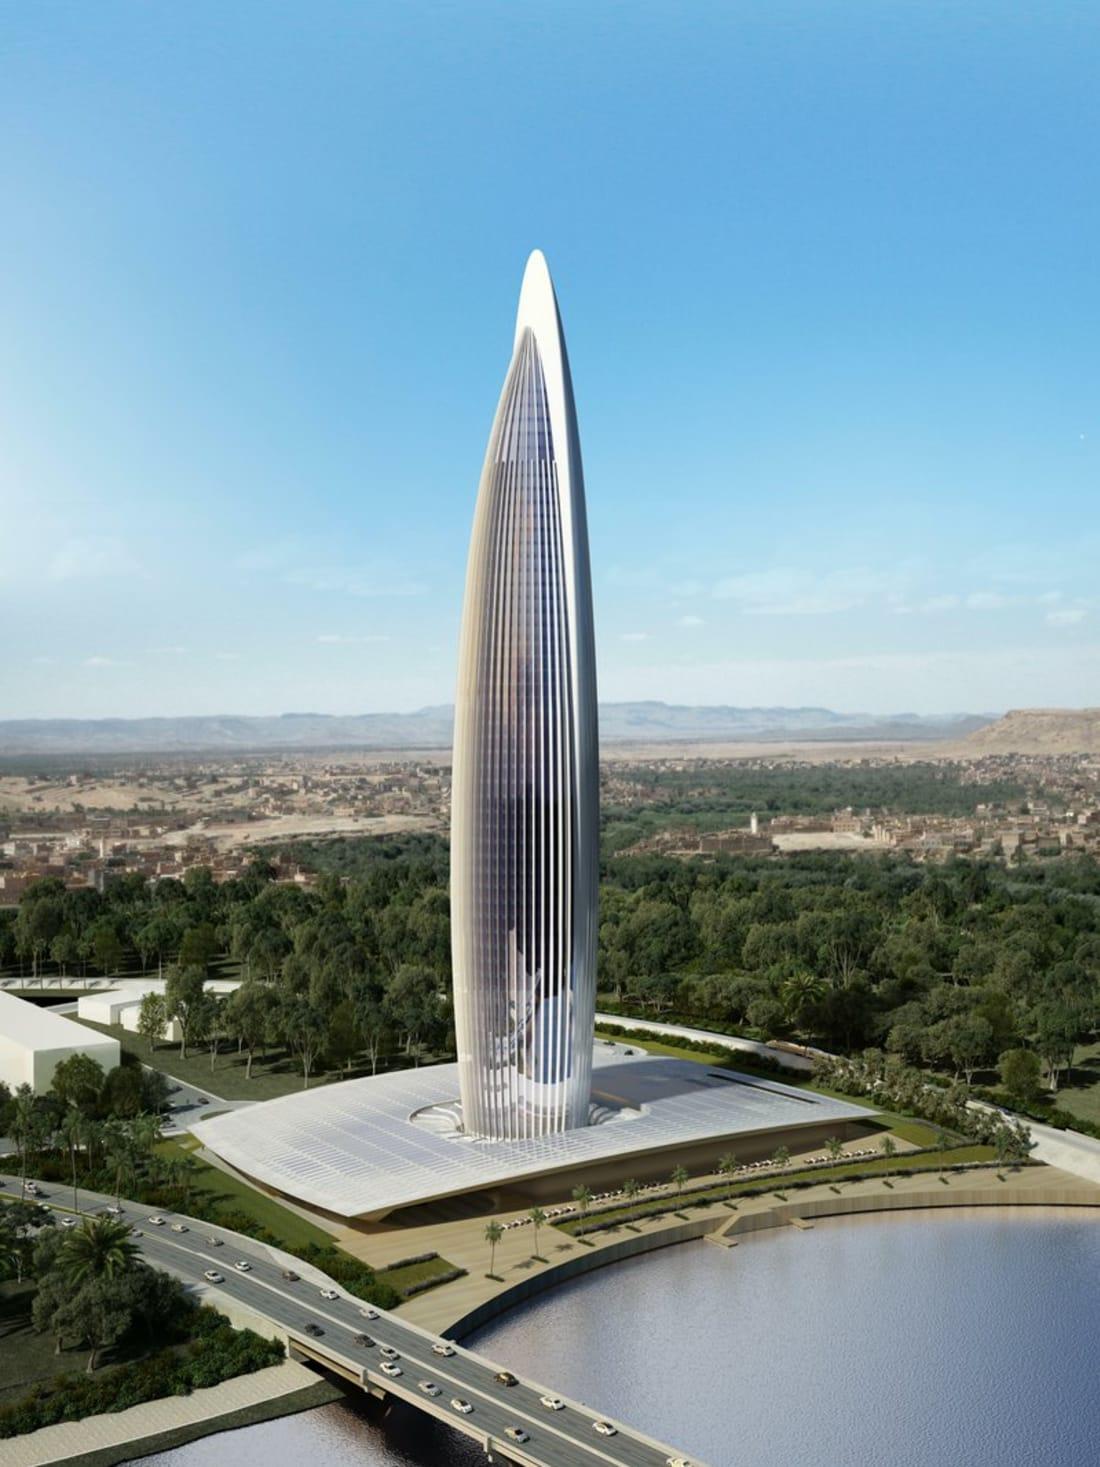 برج محمد السادس في العاصمة الرباط بالمغرب